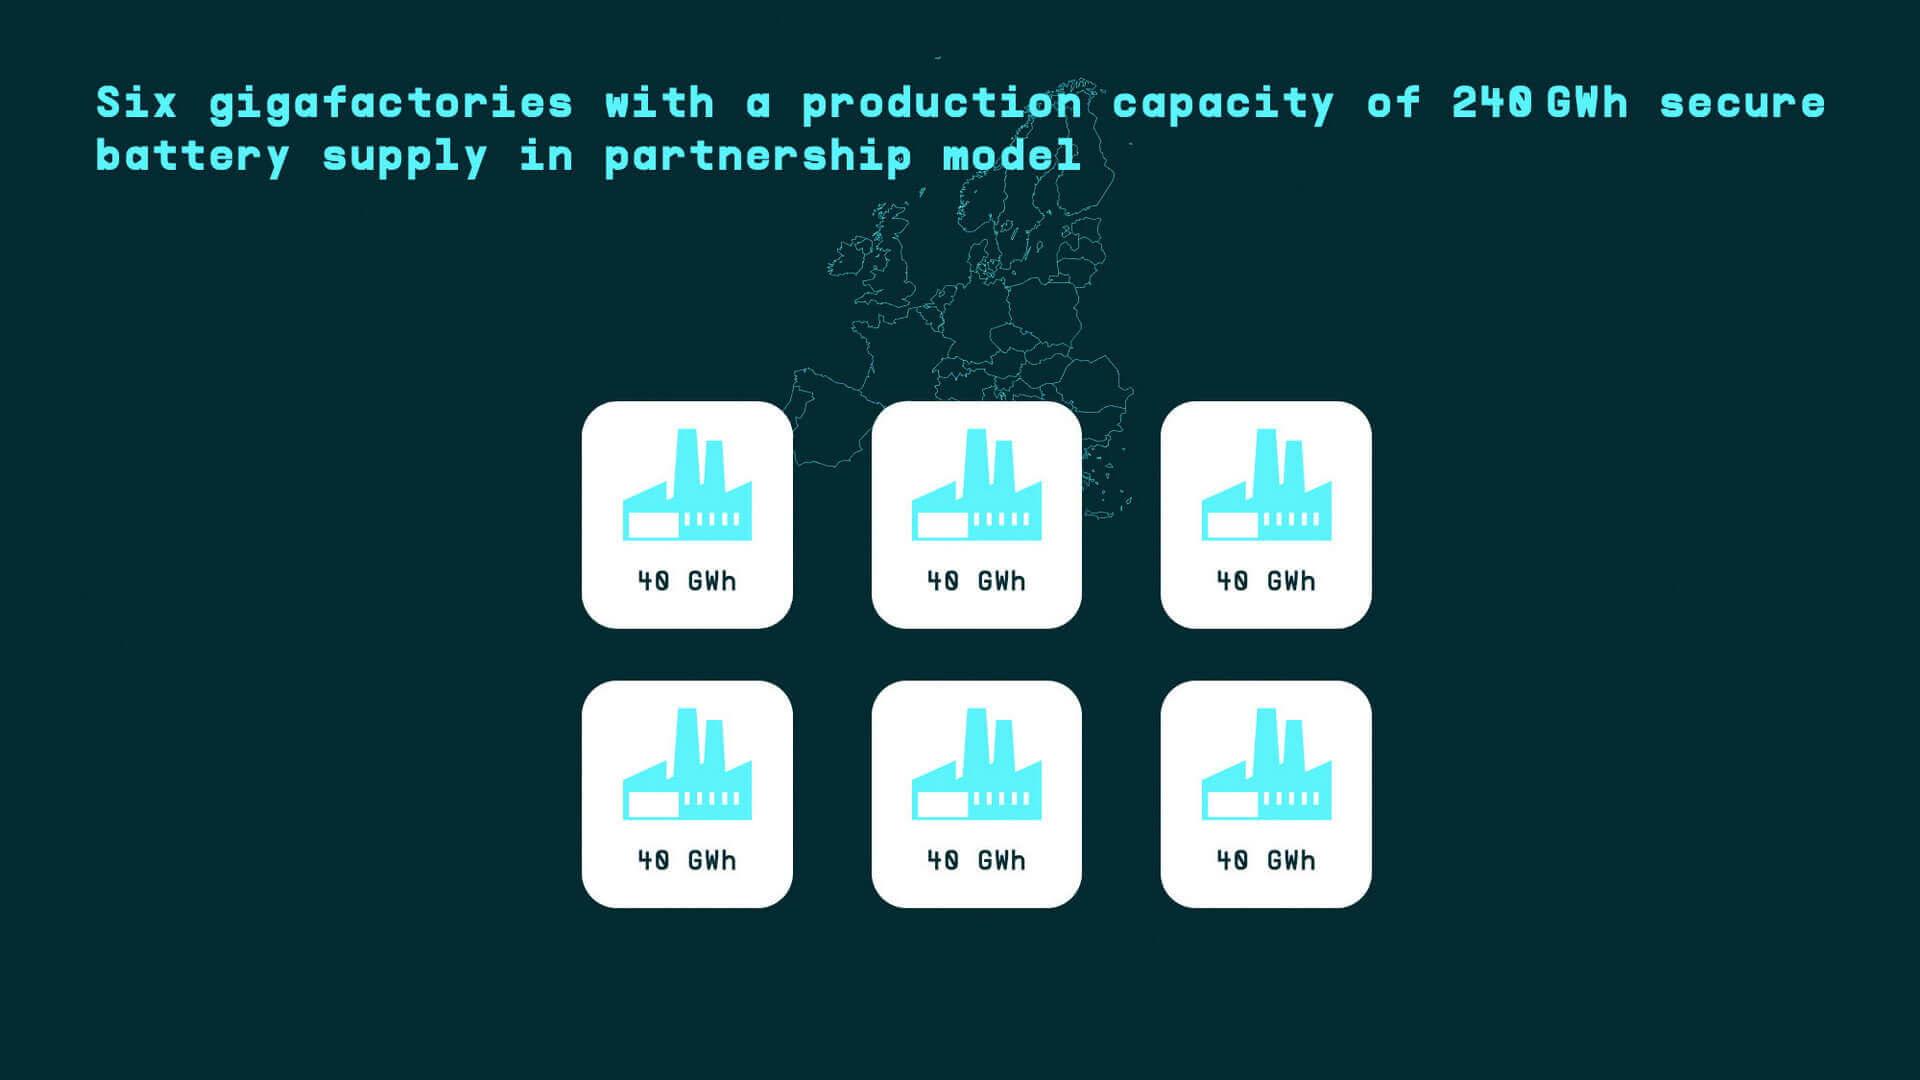 К 2030 году в Европе будет запущено 6 заводов по производству аккумуляторных элементов